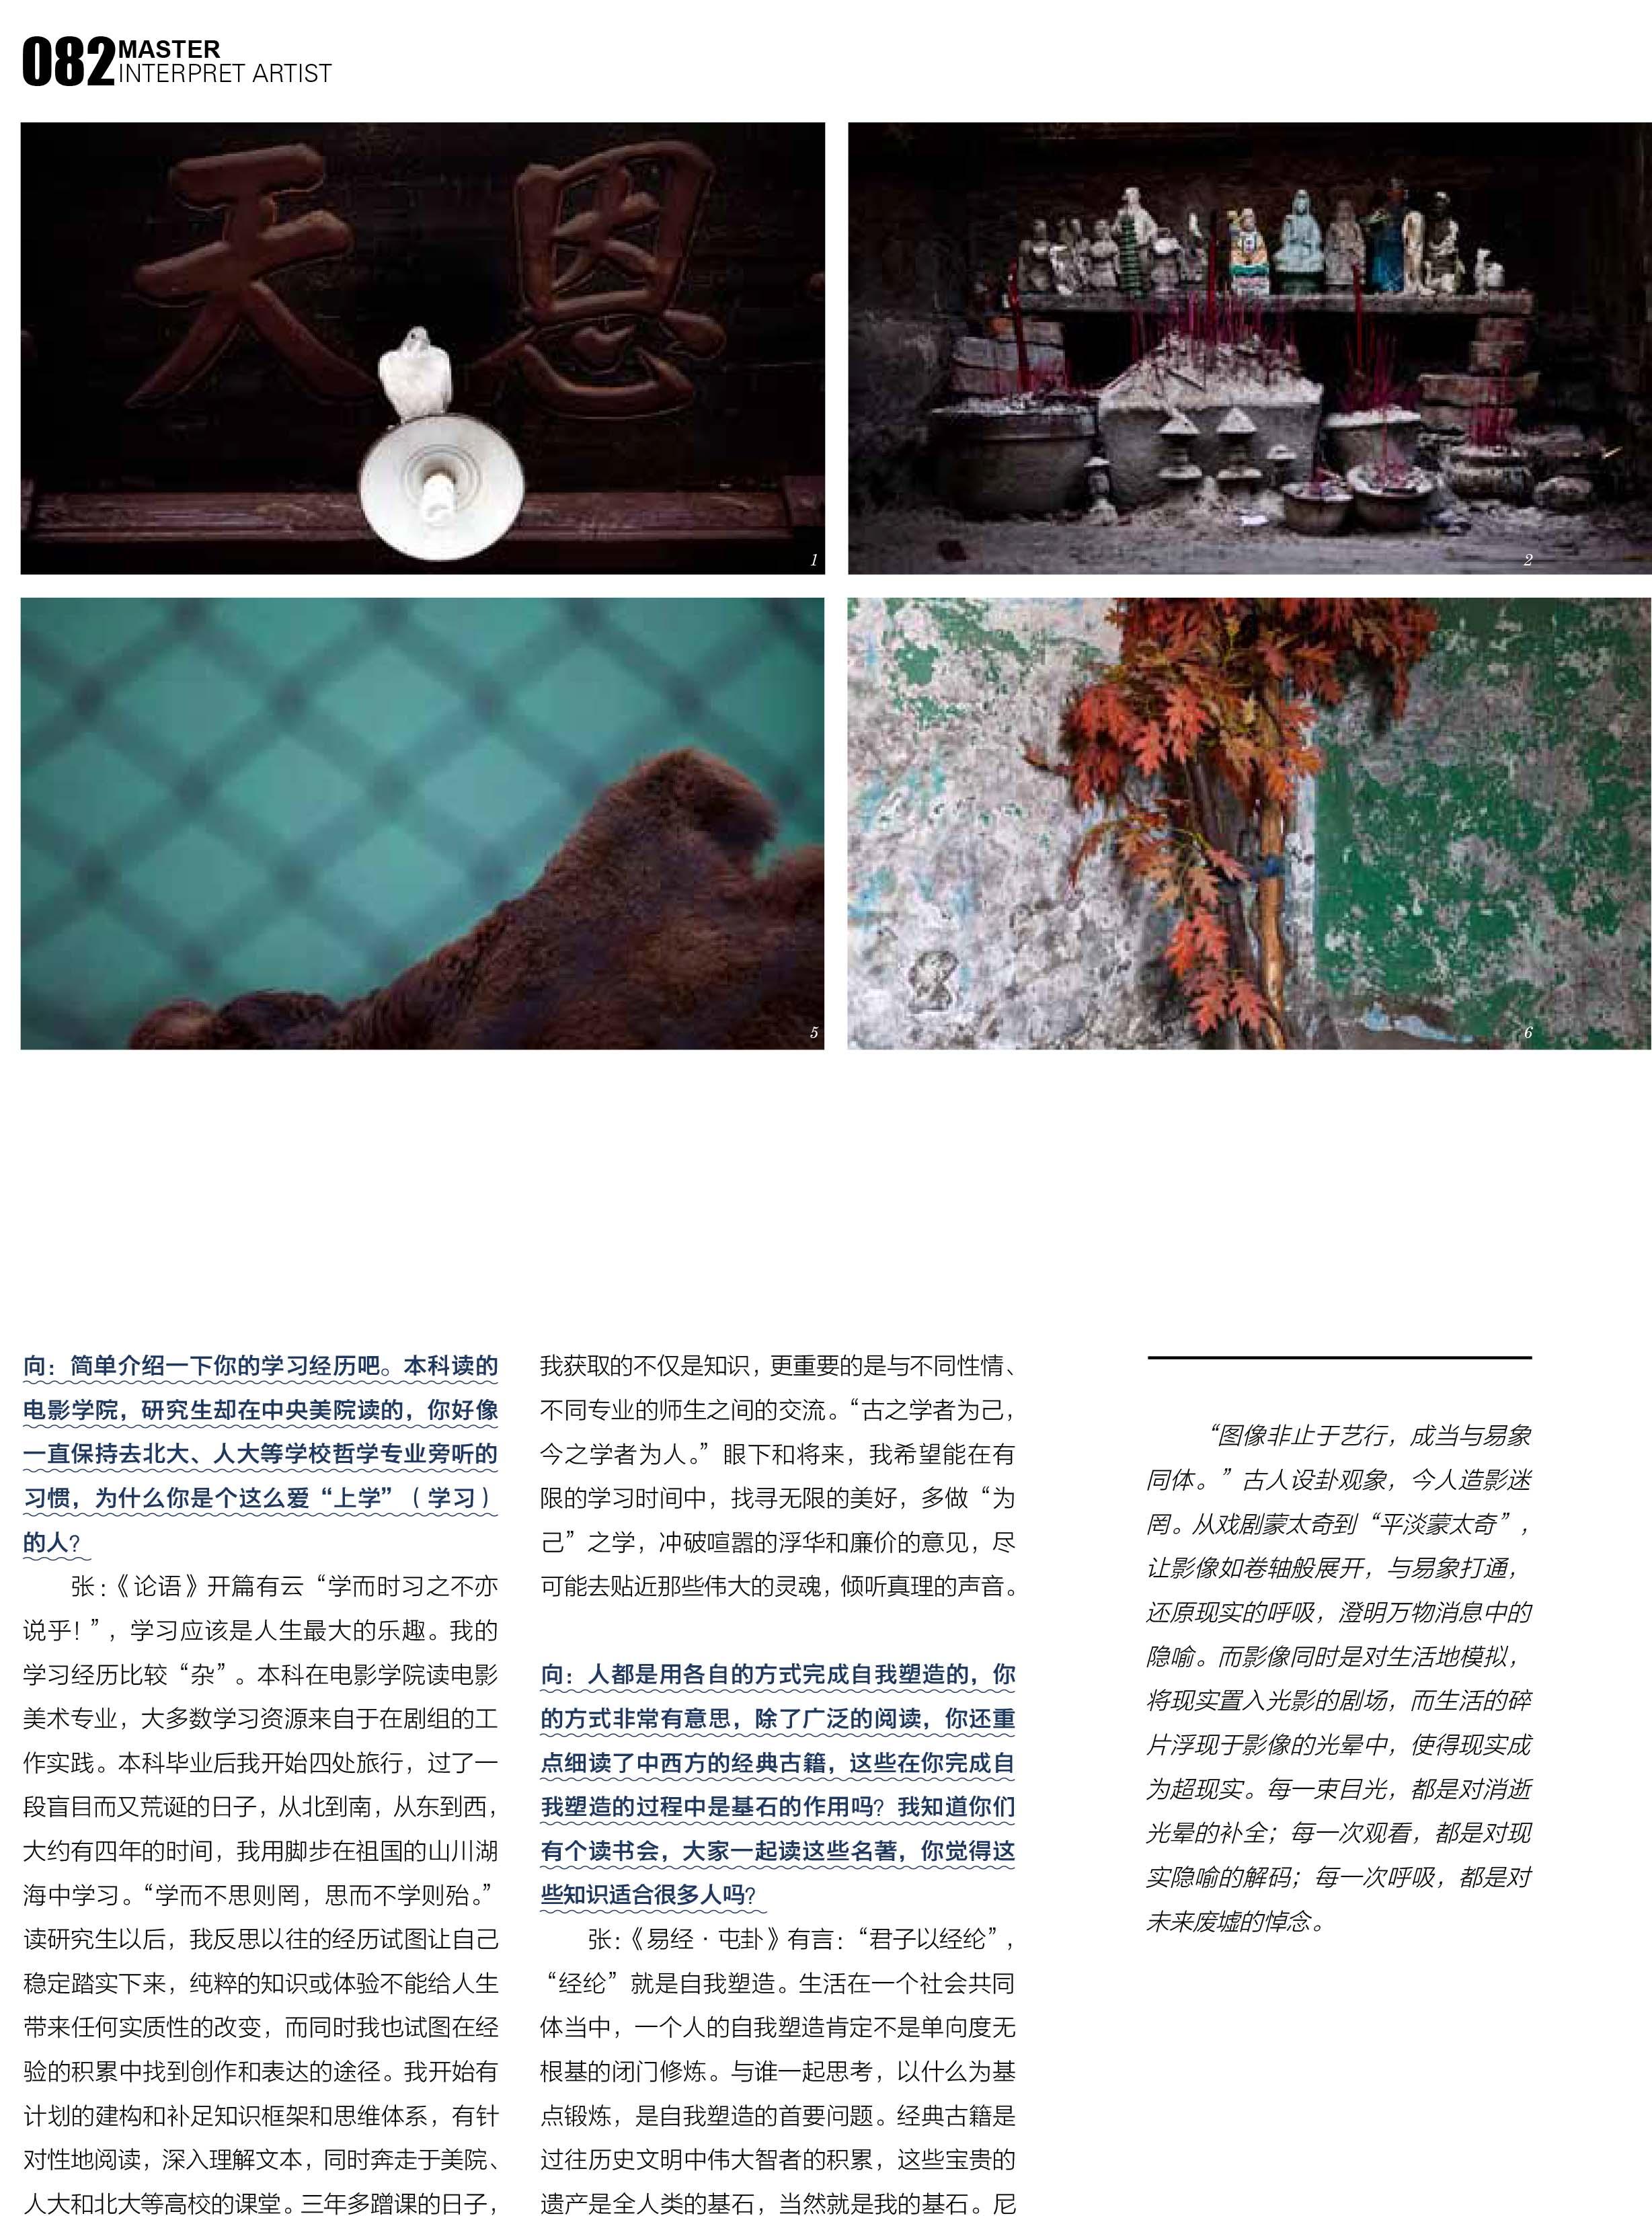 向京-东方艺术大家(张小迪)-3.jpg